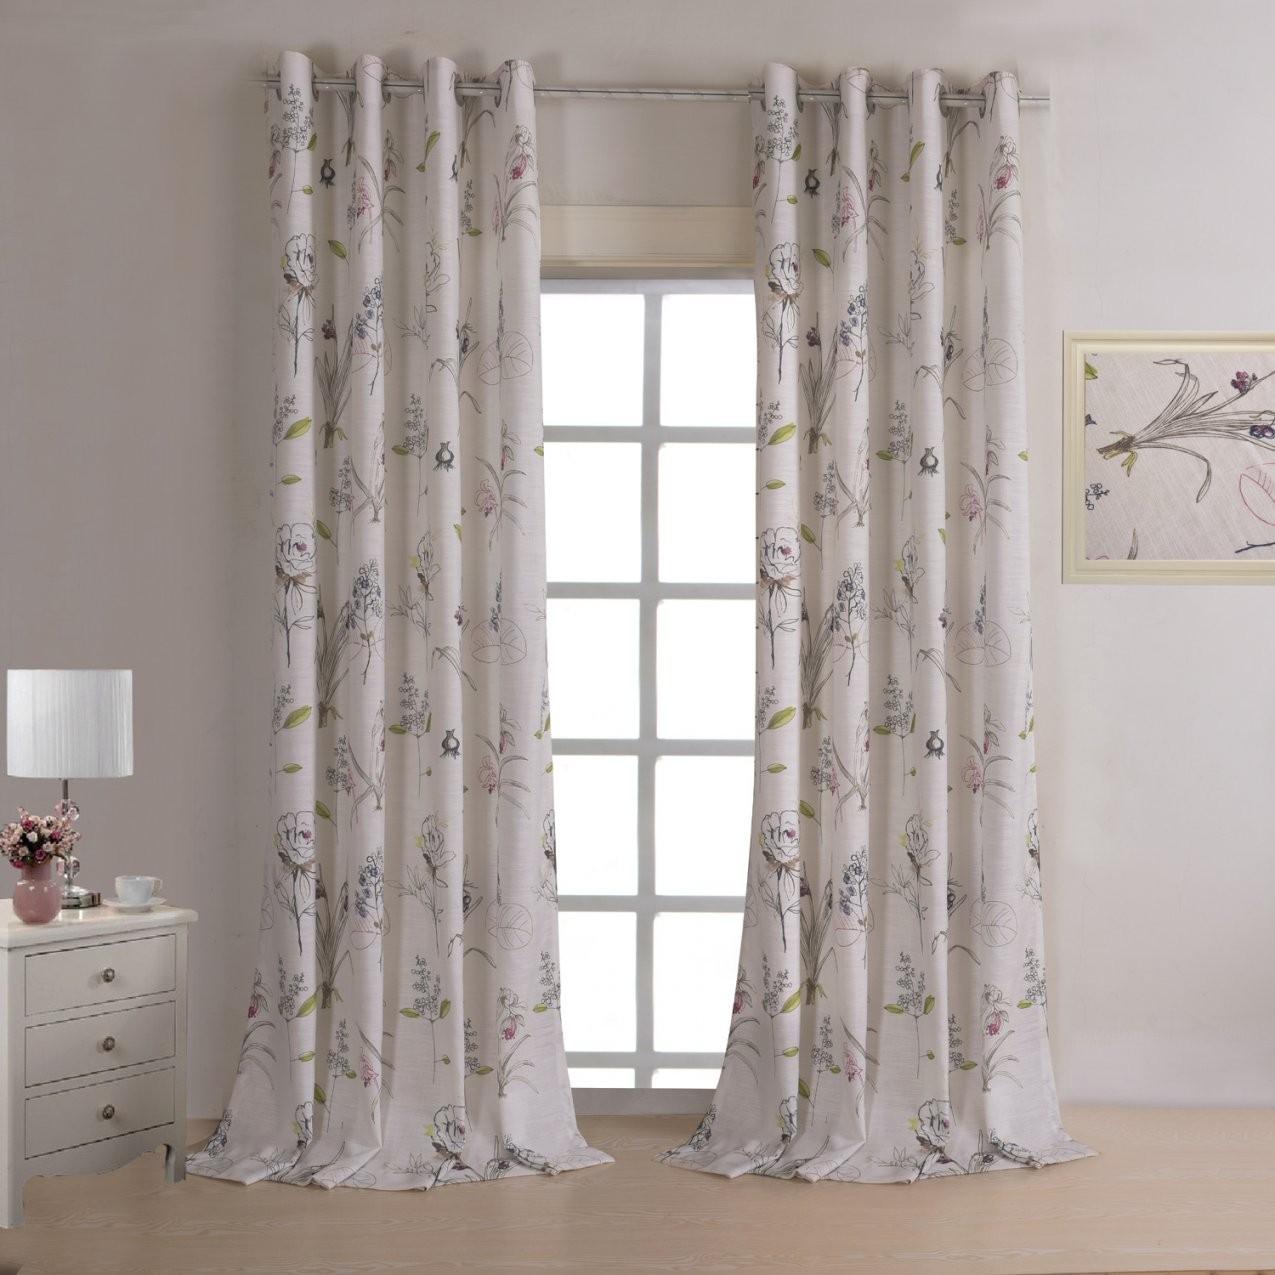 Vorhänge  Halbtransparente Gardinen  Vorhang Beige Bedruckt von Halbtransparente Gardinen Vorhänge Bild